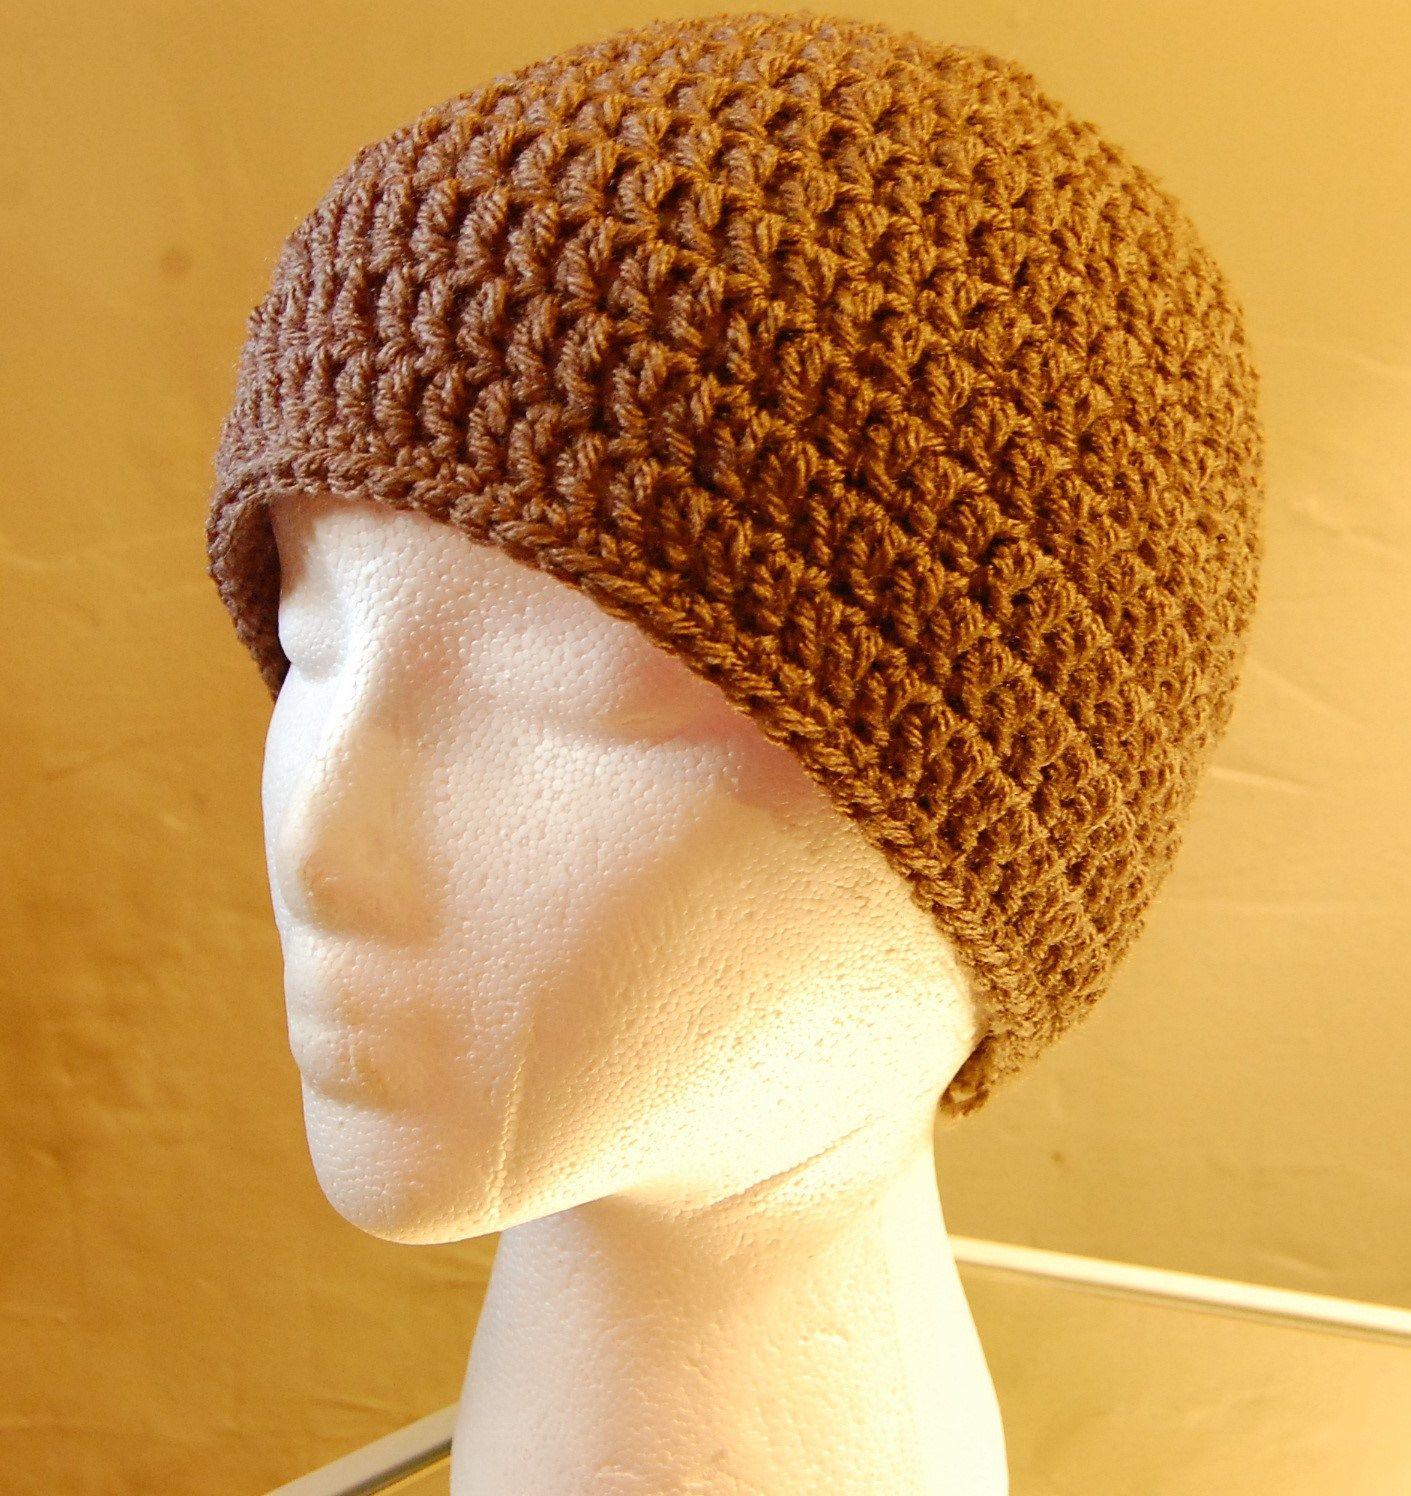 crochet hat for men | Crochet patterns | Pinterest | Tejido